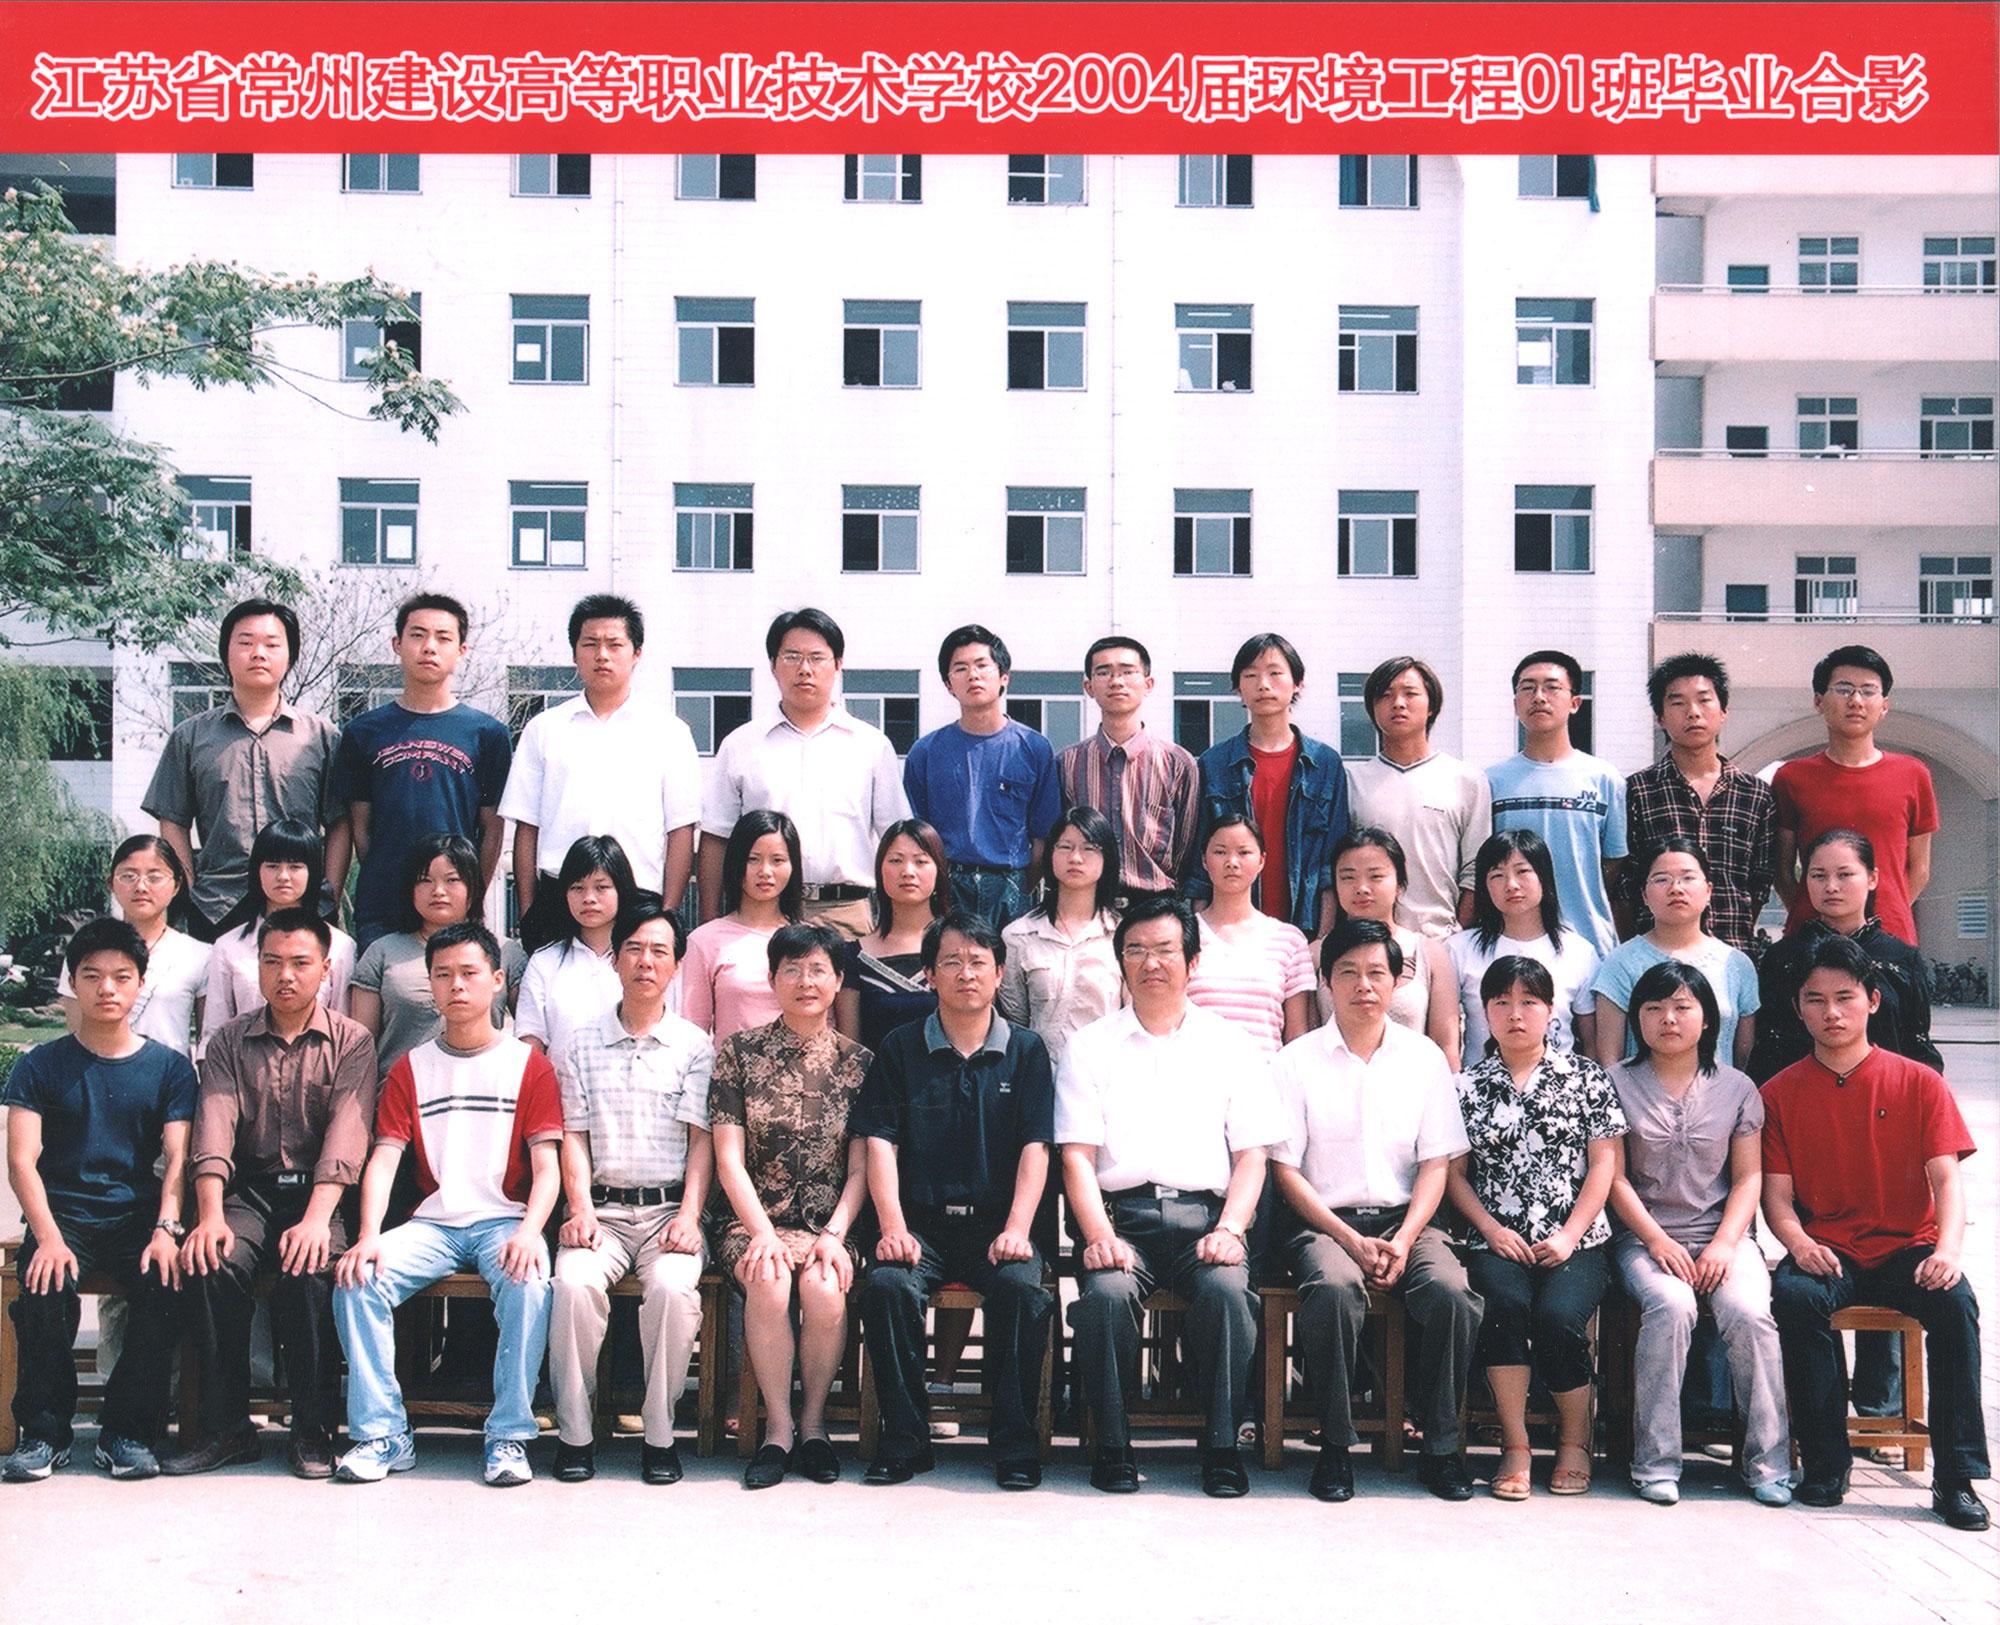 2004届环境工程01班毕业合影